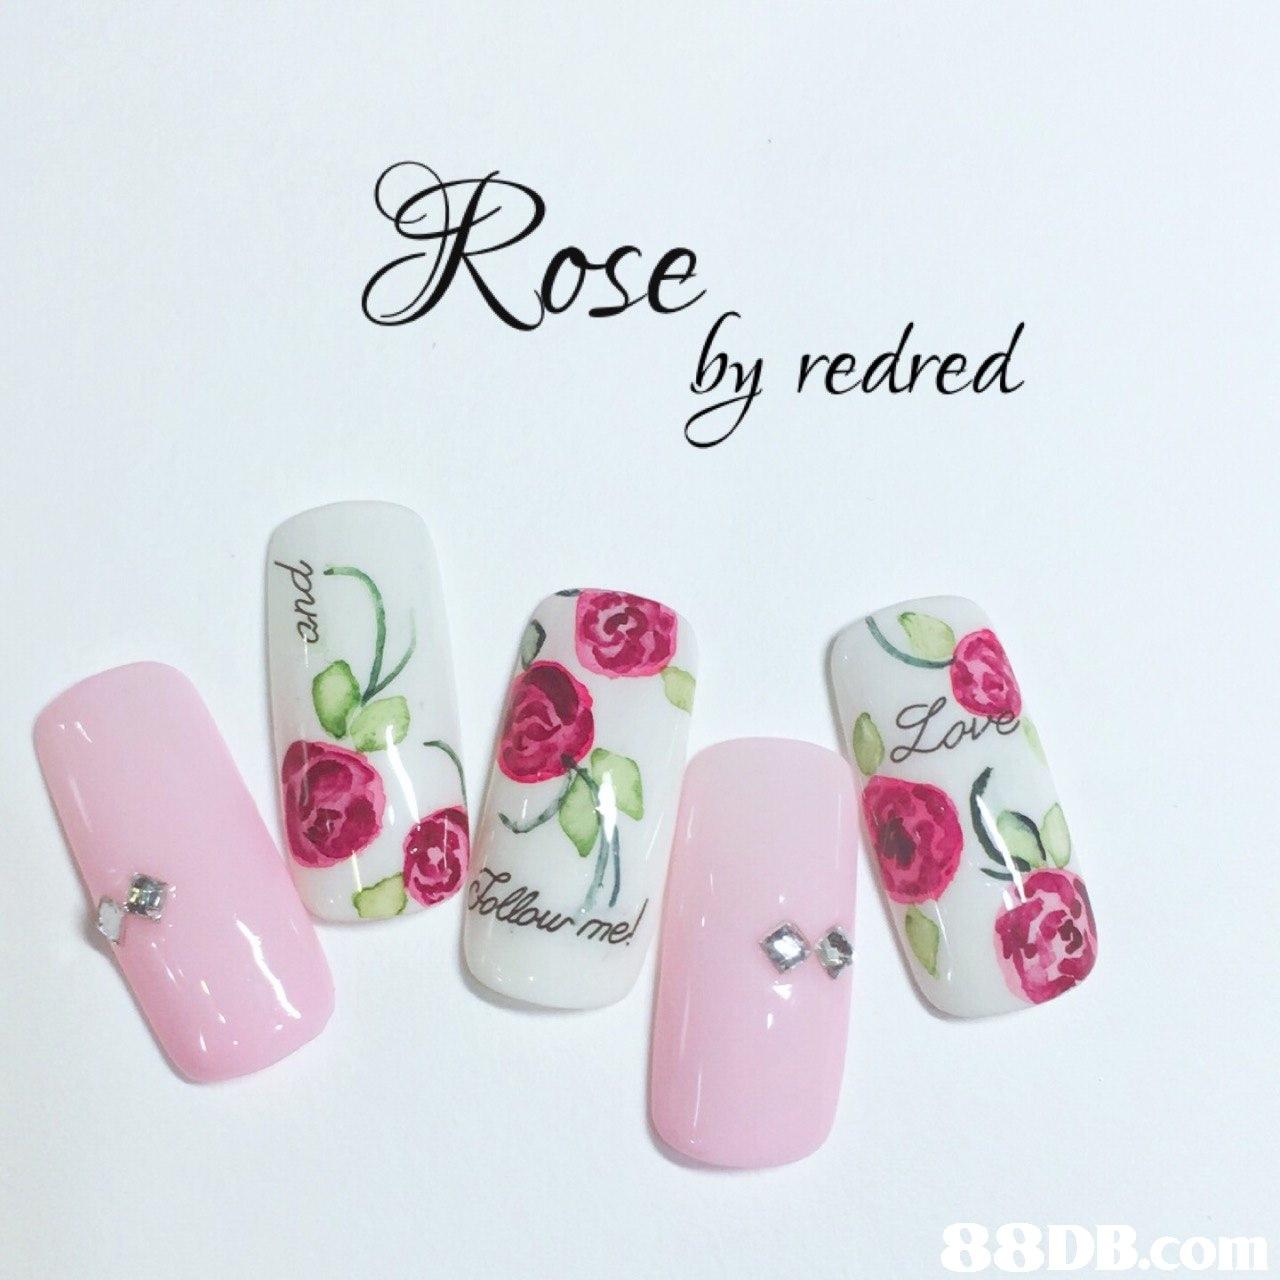 Rose hy redred  Nail,Pink,Nail care,Artificial nails,Nail polish